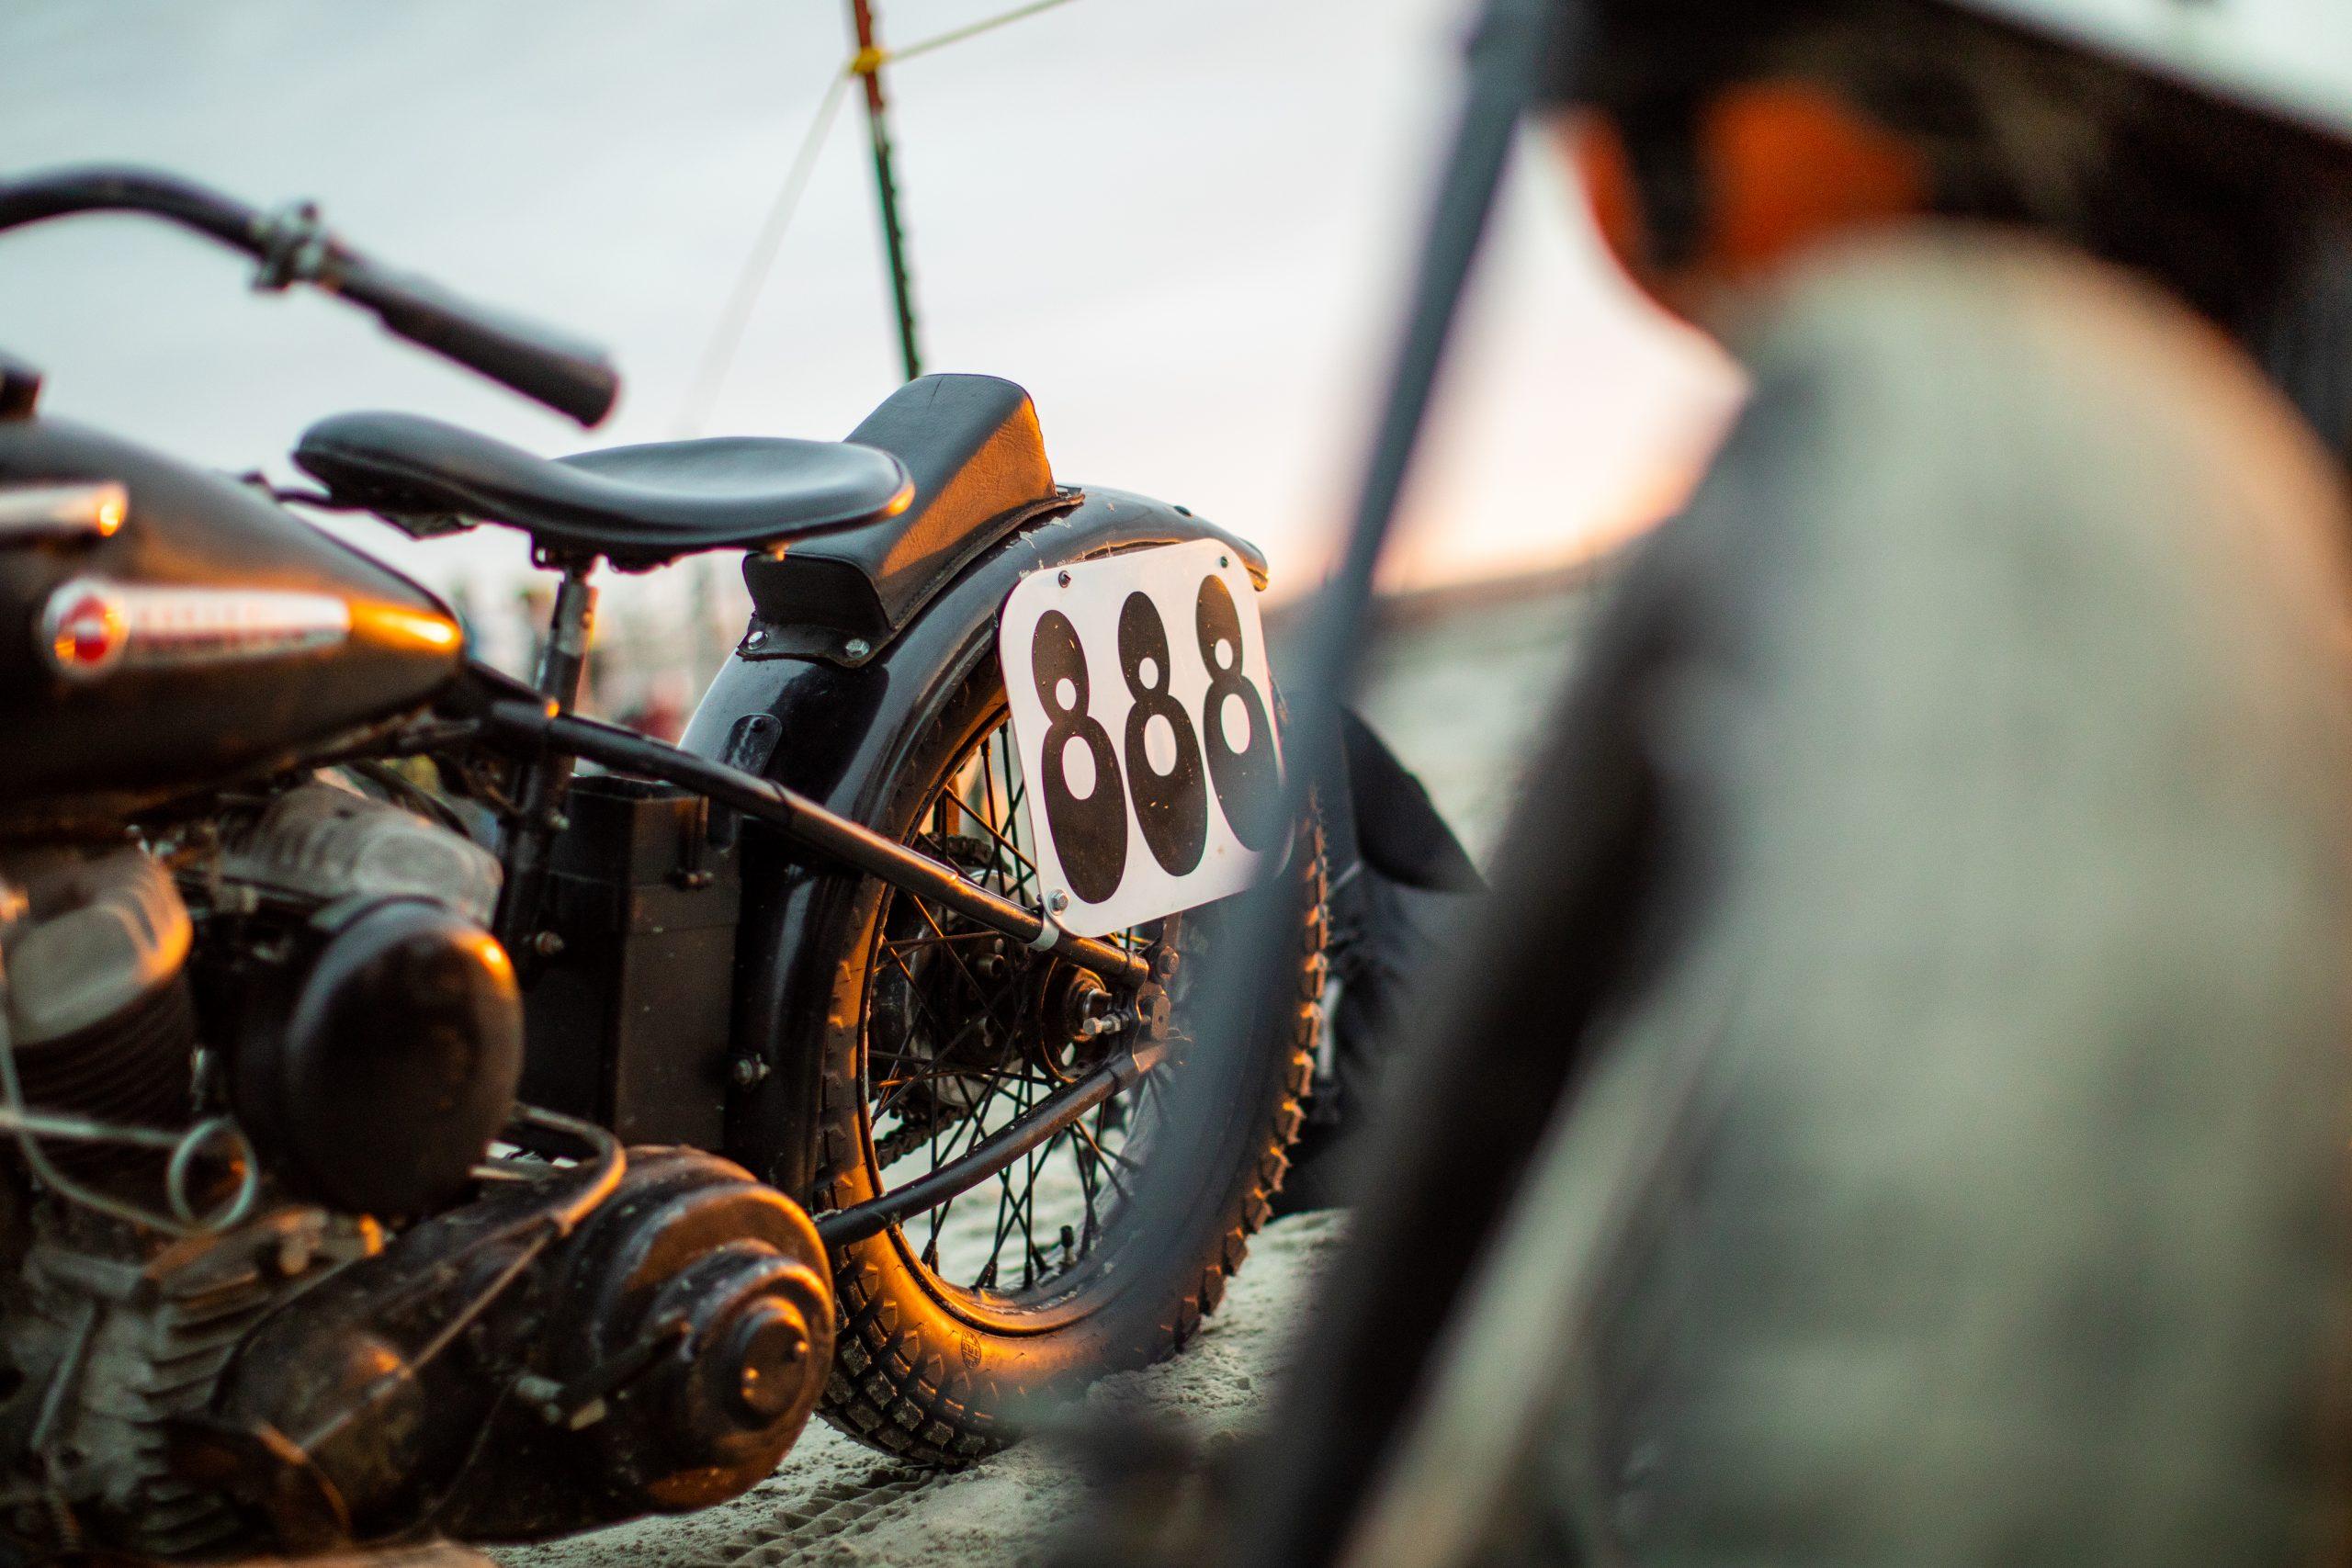 motorbike drag racer number 888